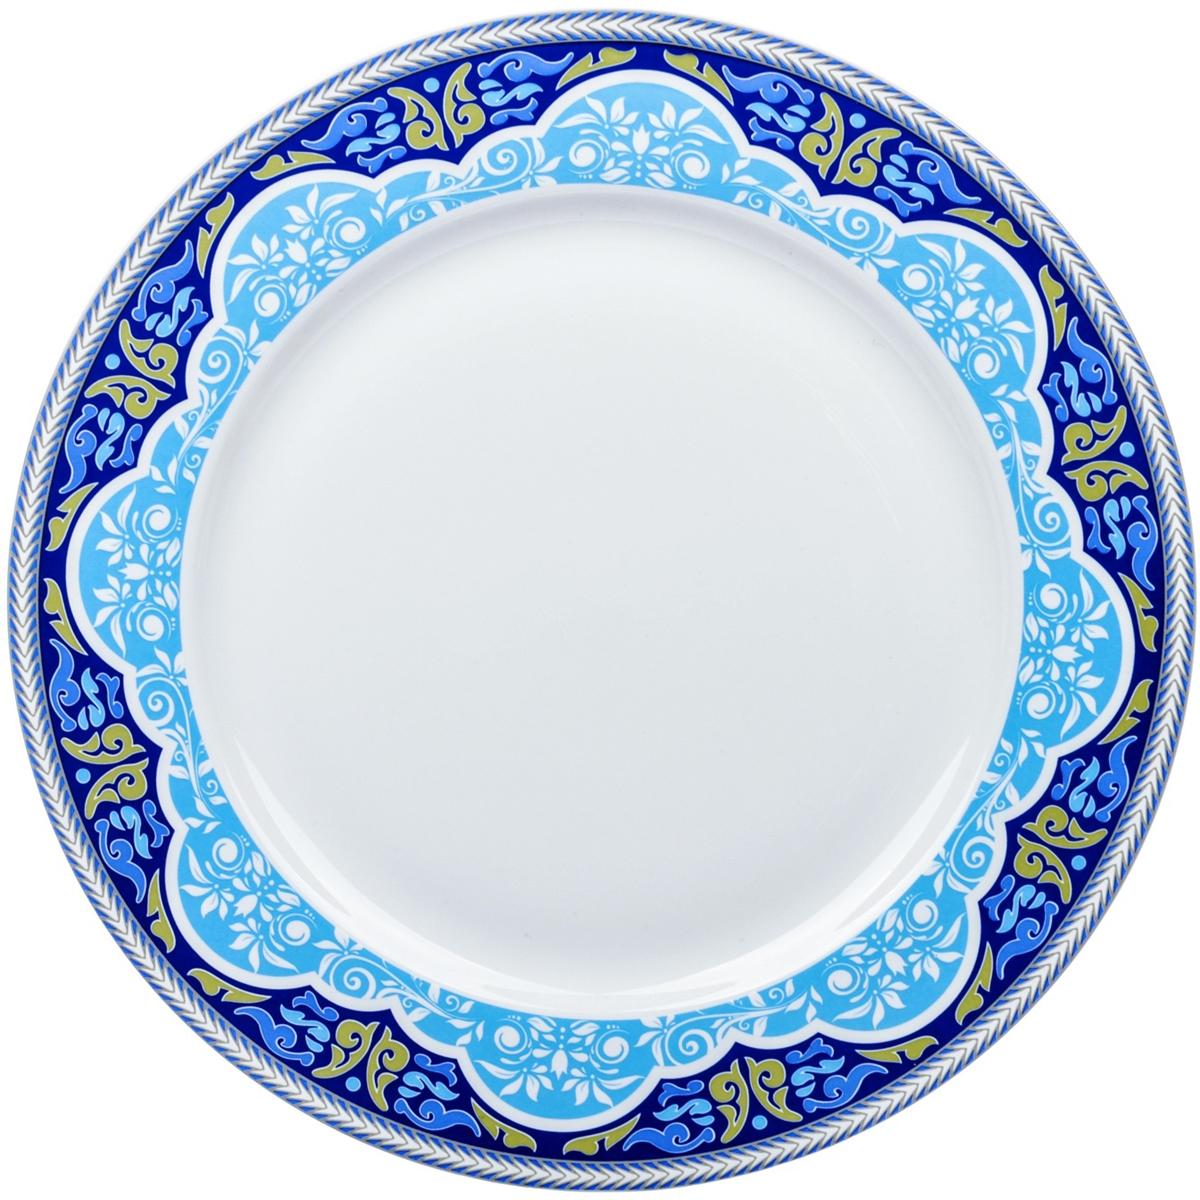 Тарелка обеденная Dasen Лазурный орнамент, диаметр 23 смDNNB0002-2Тарелка Dasen Лазурный орнамент изготовлена из высококачественного фаянса. Предназначена для красивой подачи различных блюд. Изделие декорировано изящным рисунком.Такая тарелка украсит сервировку стола и подчеркнет прекрасный вкус хозяйки. Она дополнит коллекцию вашей кухонной посуды и будет служить долгие годы. Можно мыть в посудомоечной машине и использовать в СВЧ.